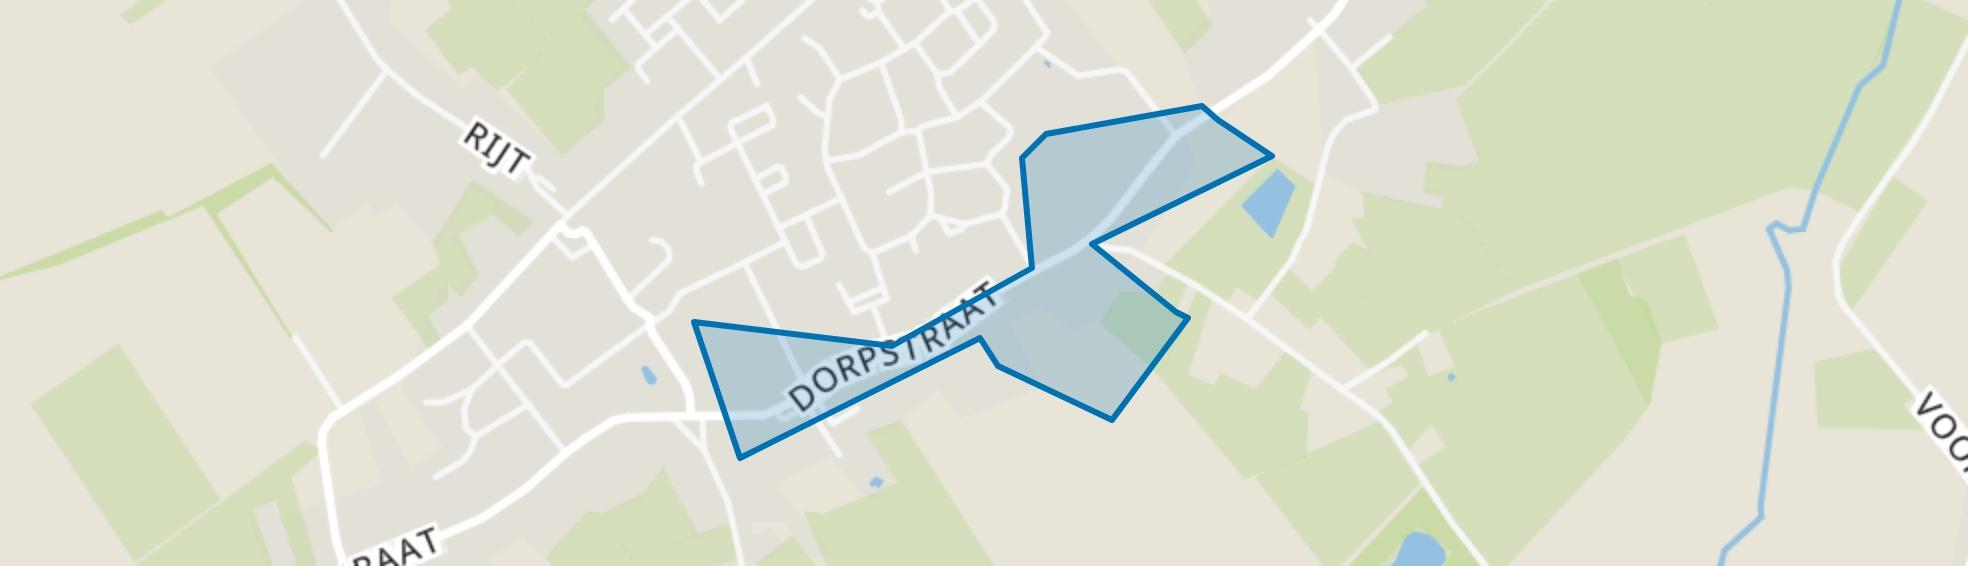 Dorpstraat-Sengelsbroeksestraat, Luyksgestel map